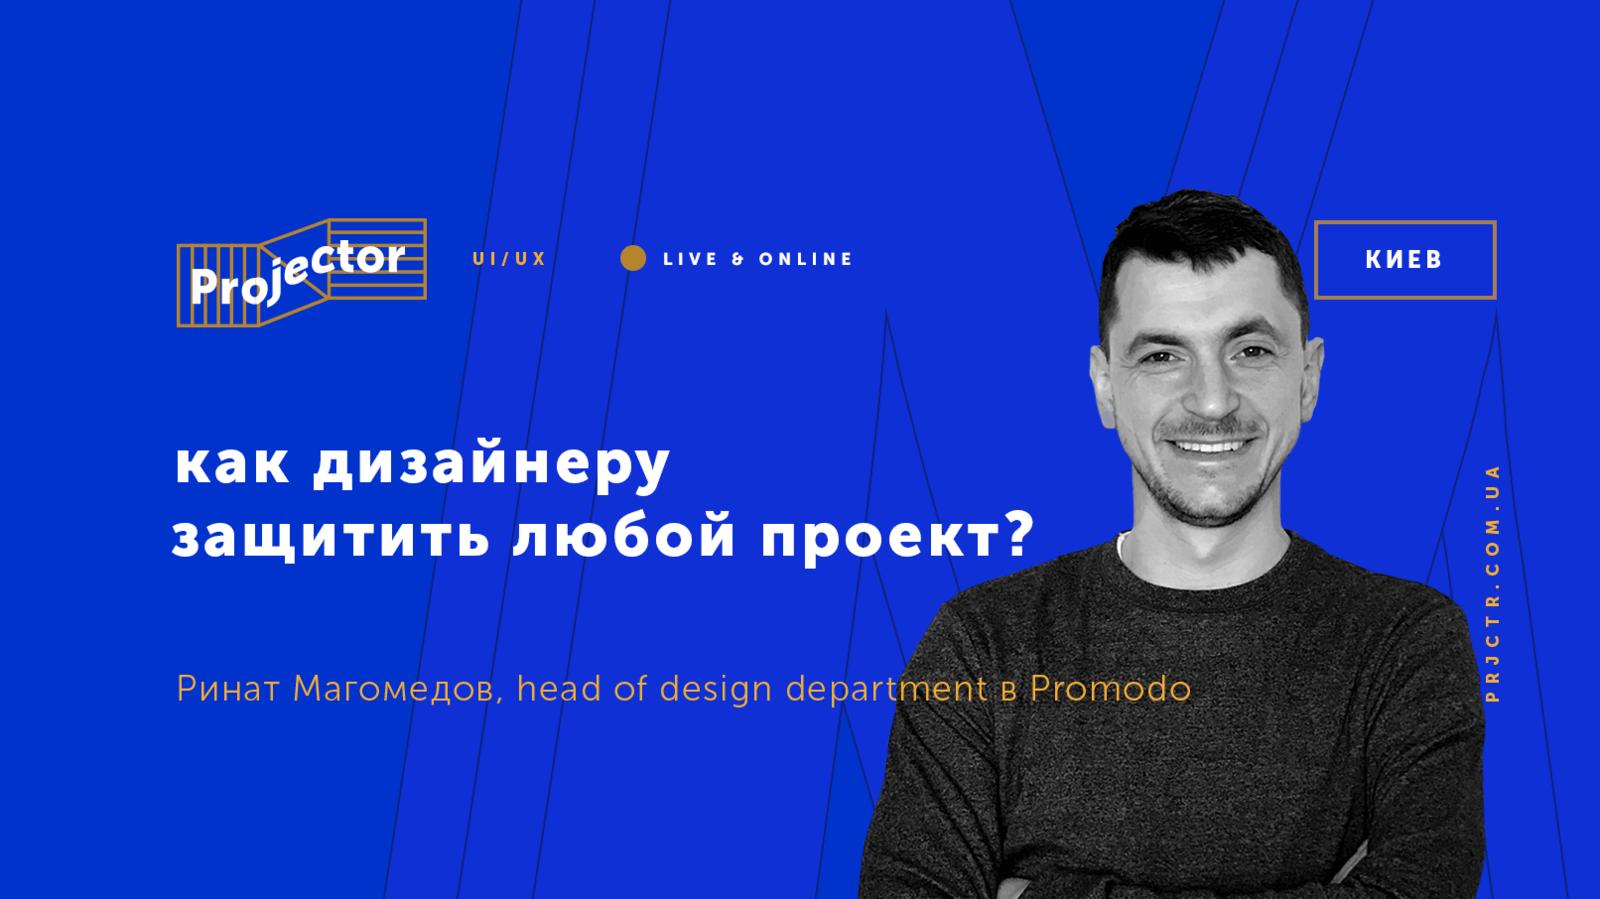 Как дизайнеру защитить любой проект?